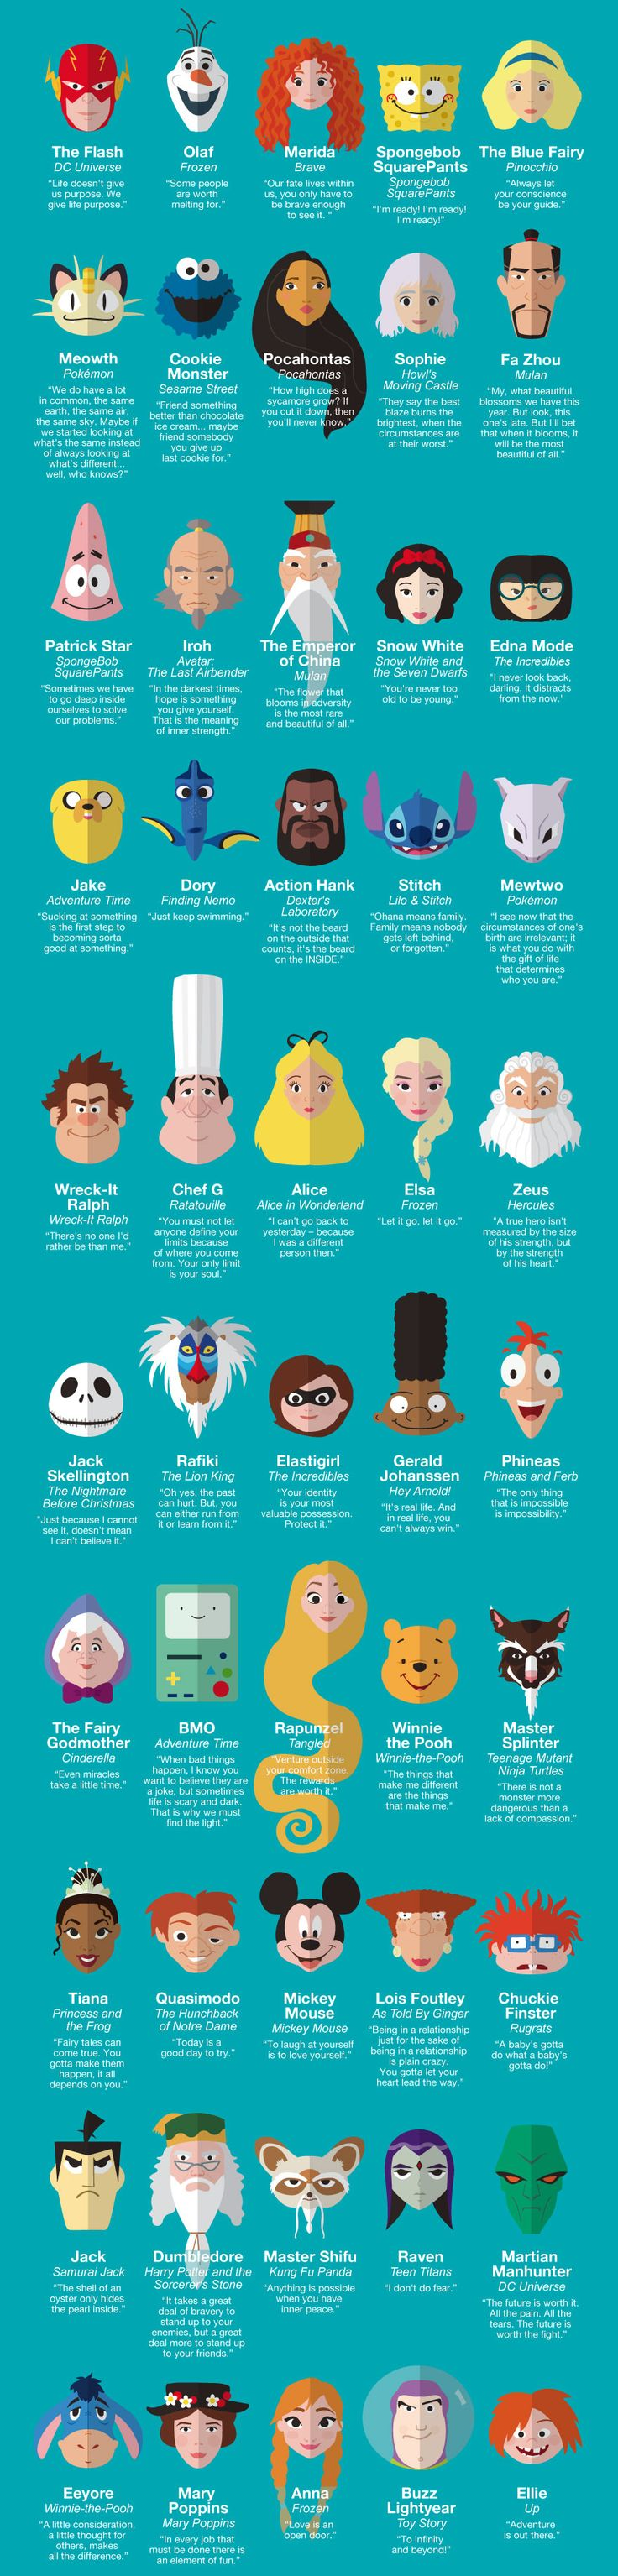 50 citas inspiradoras de los personajes de dibujos animados #quotes